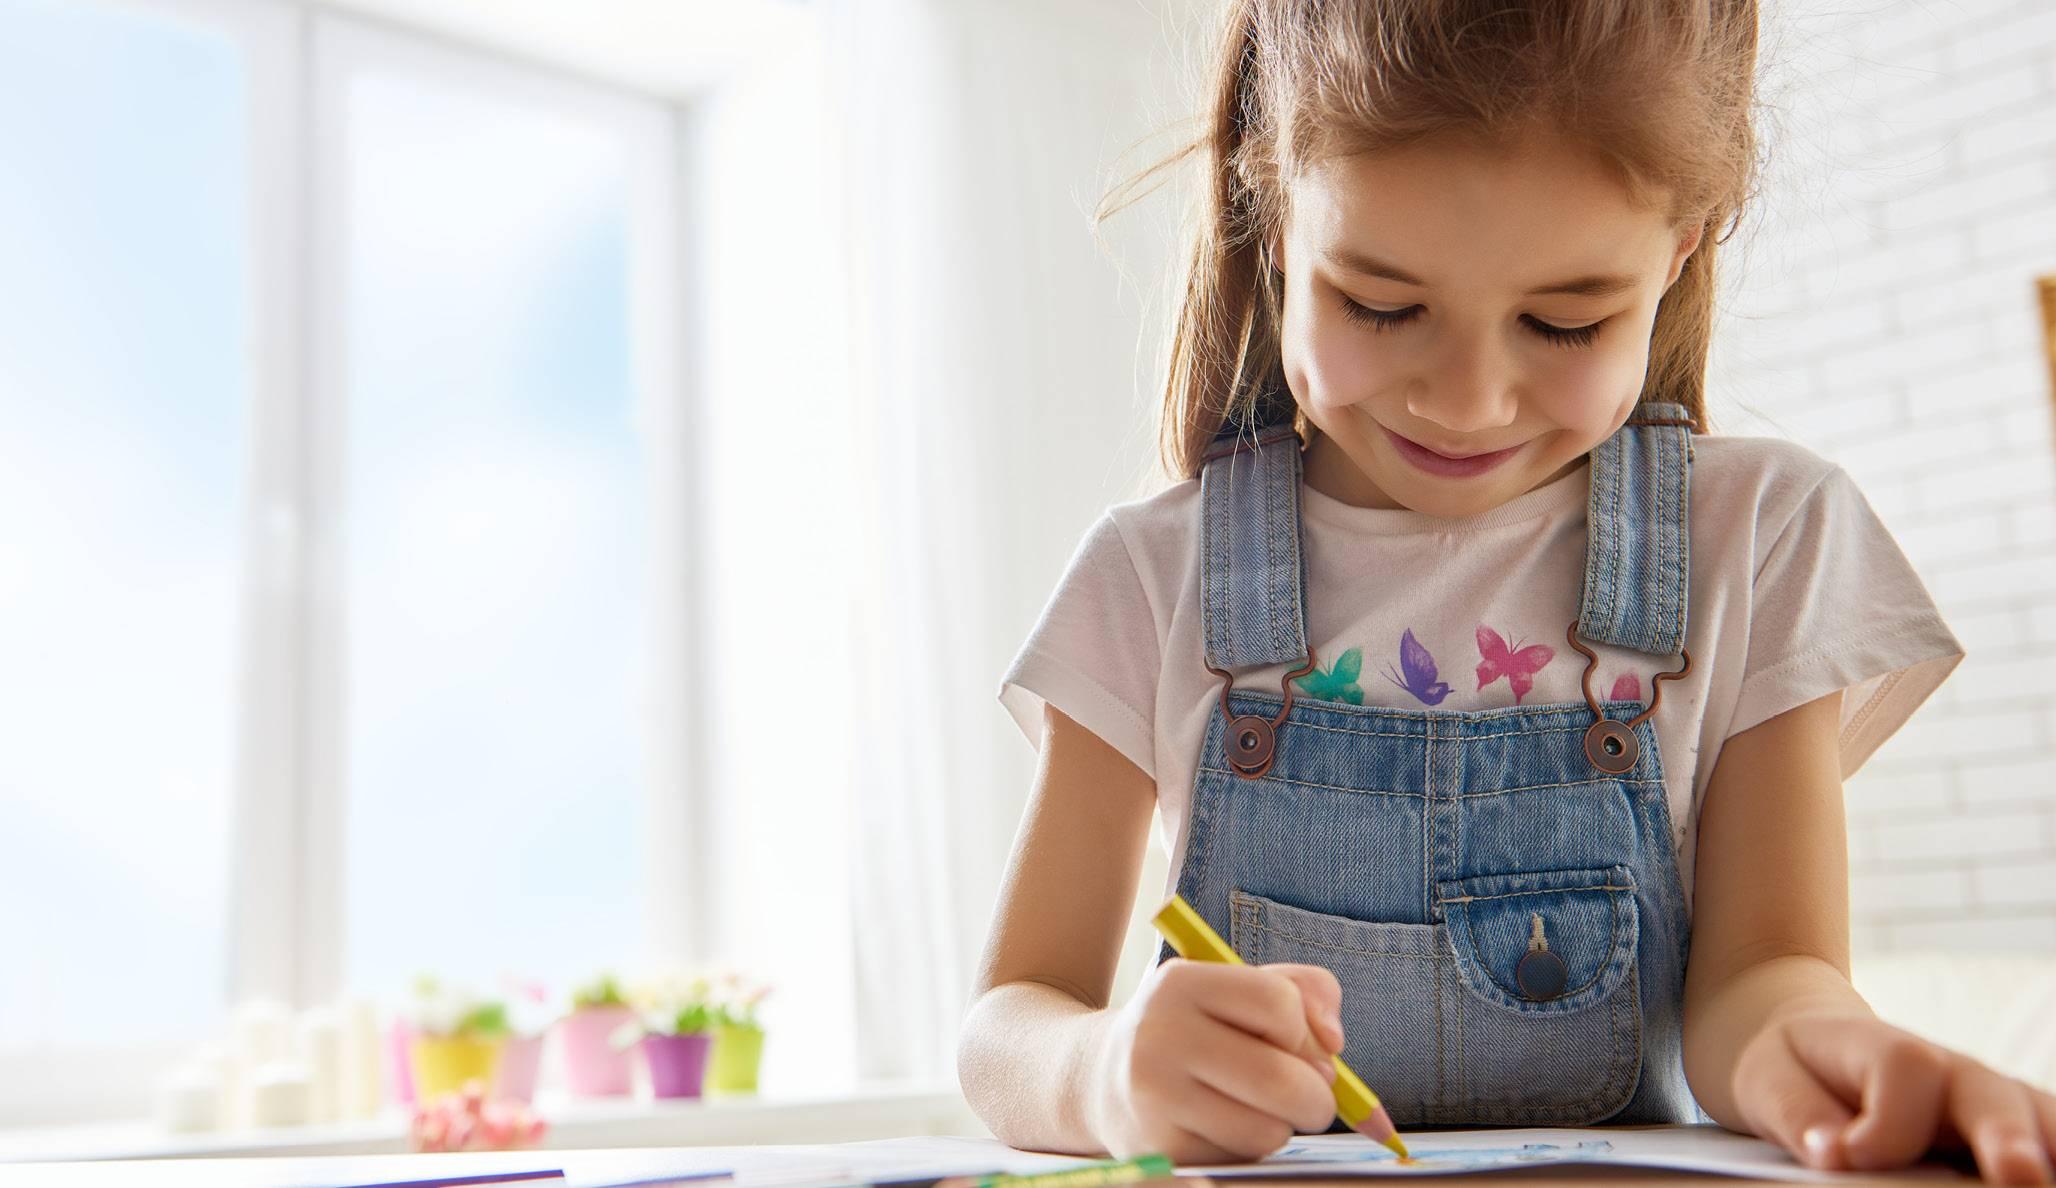 Как помочь ребенку полюбить математику - развитие интереса к точным наукам